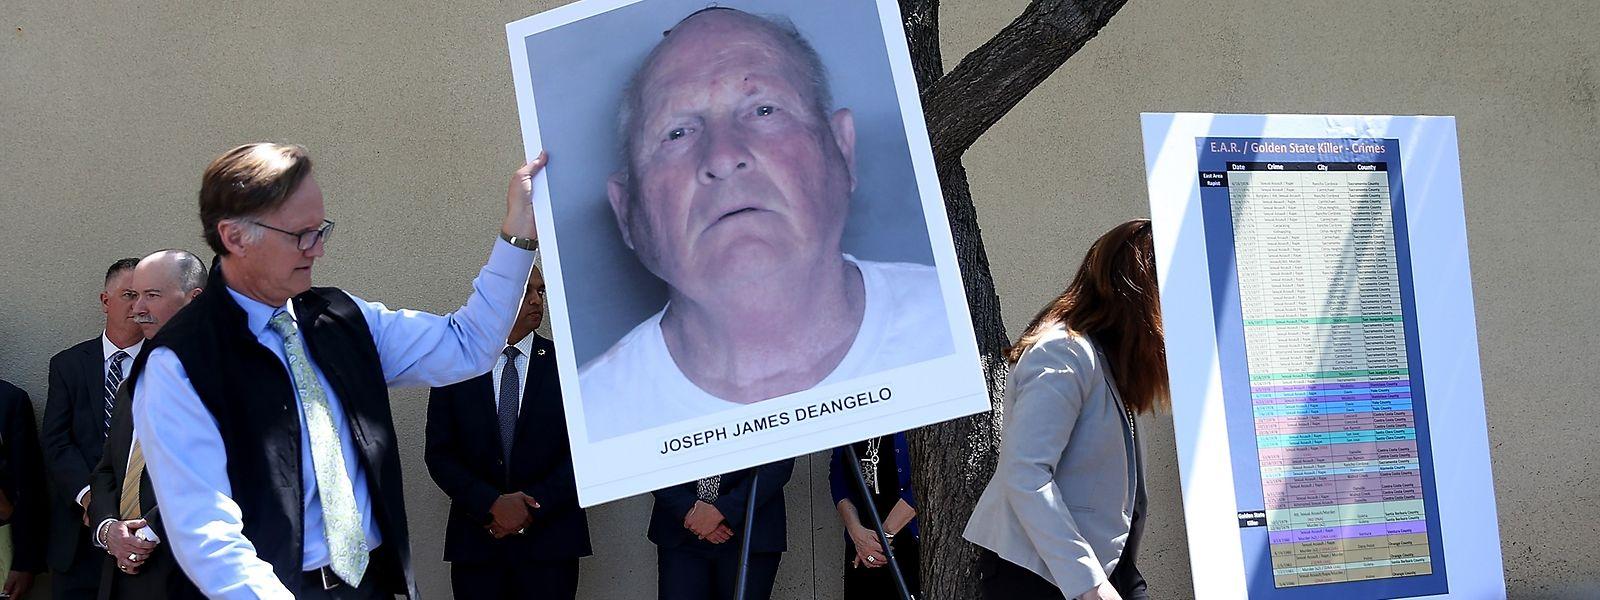 Die Polizei in Sarcamento ist sich sicher, nach rund 40 Jahren den richtigen verhaftet zu haben.